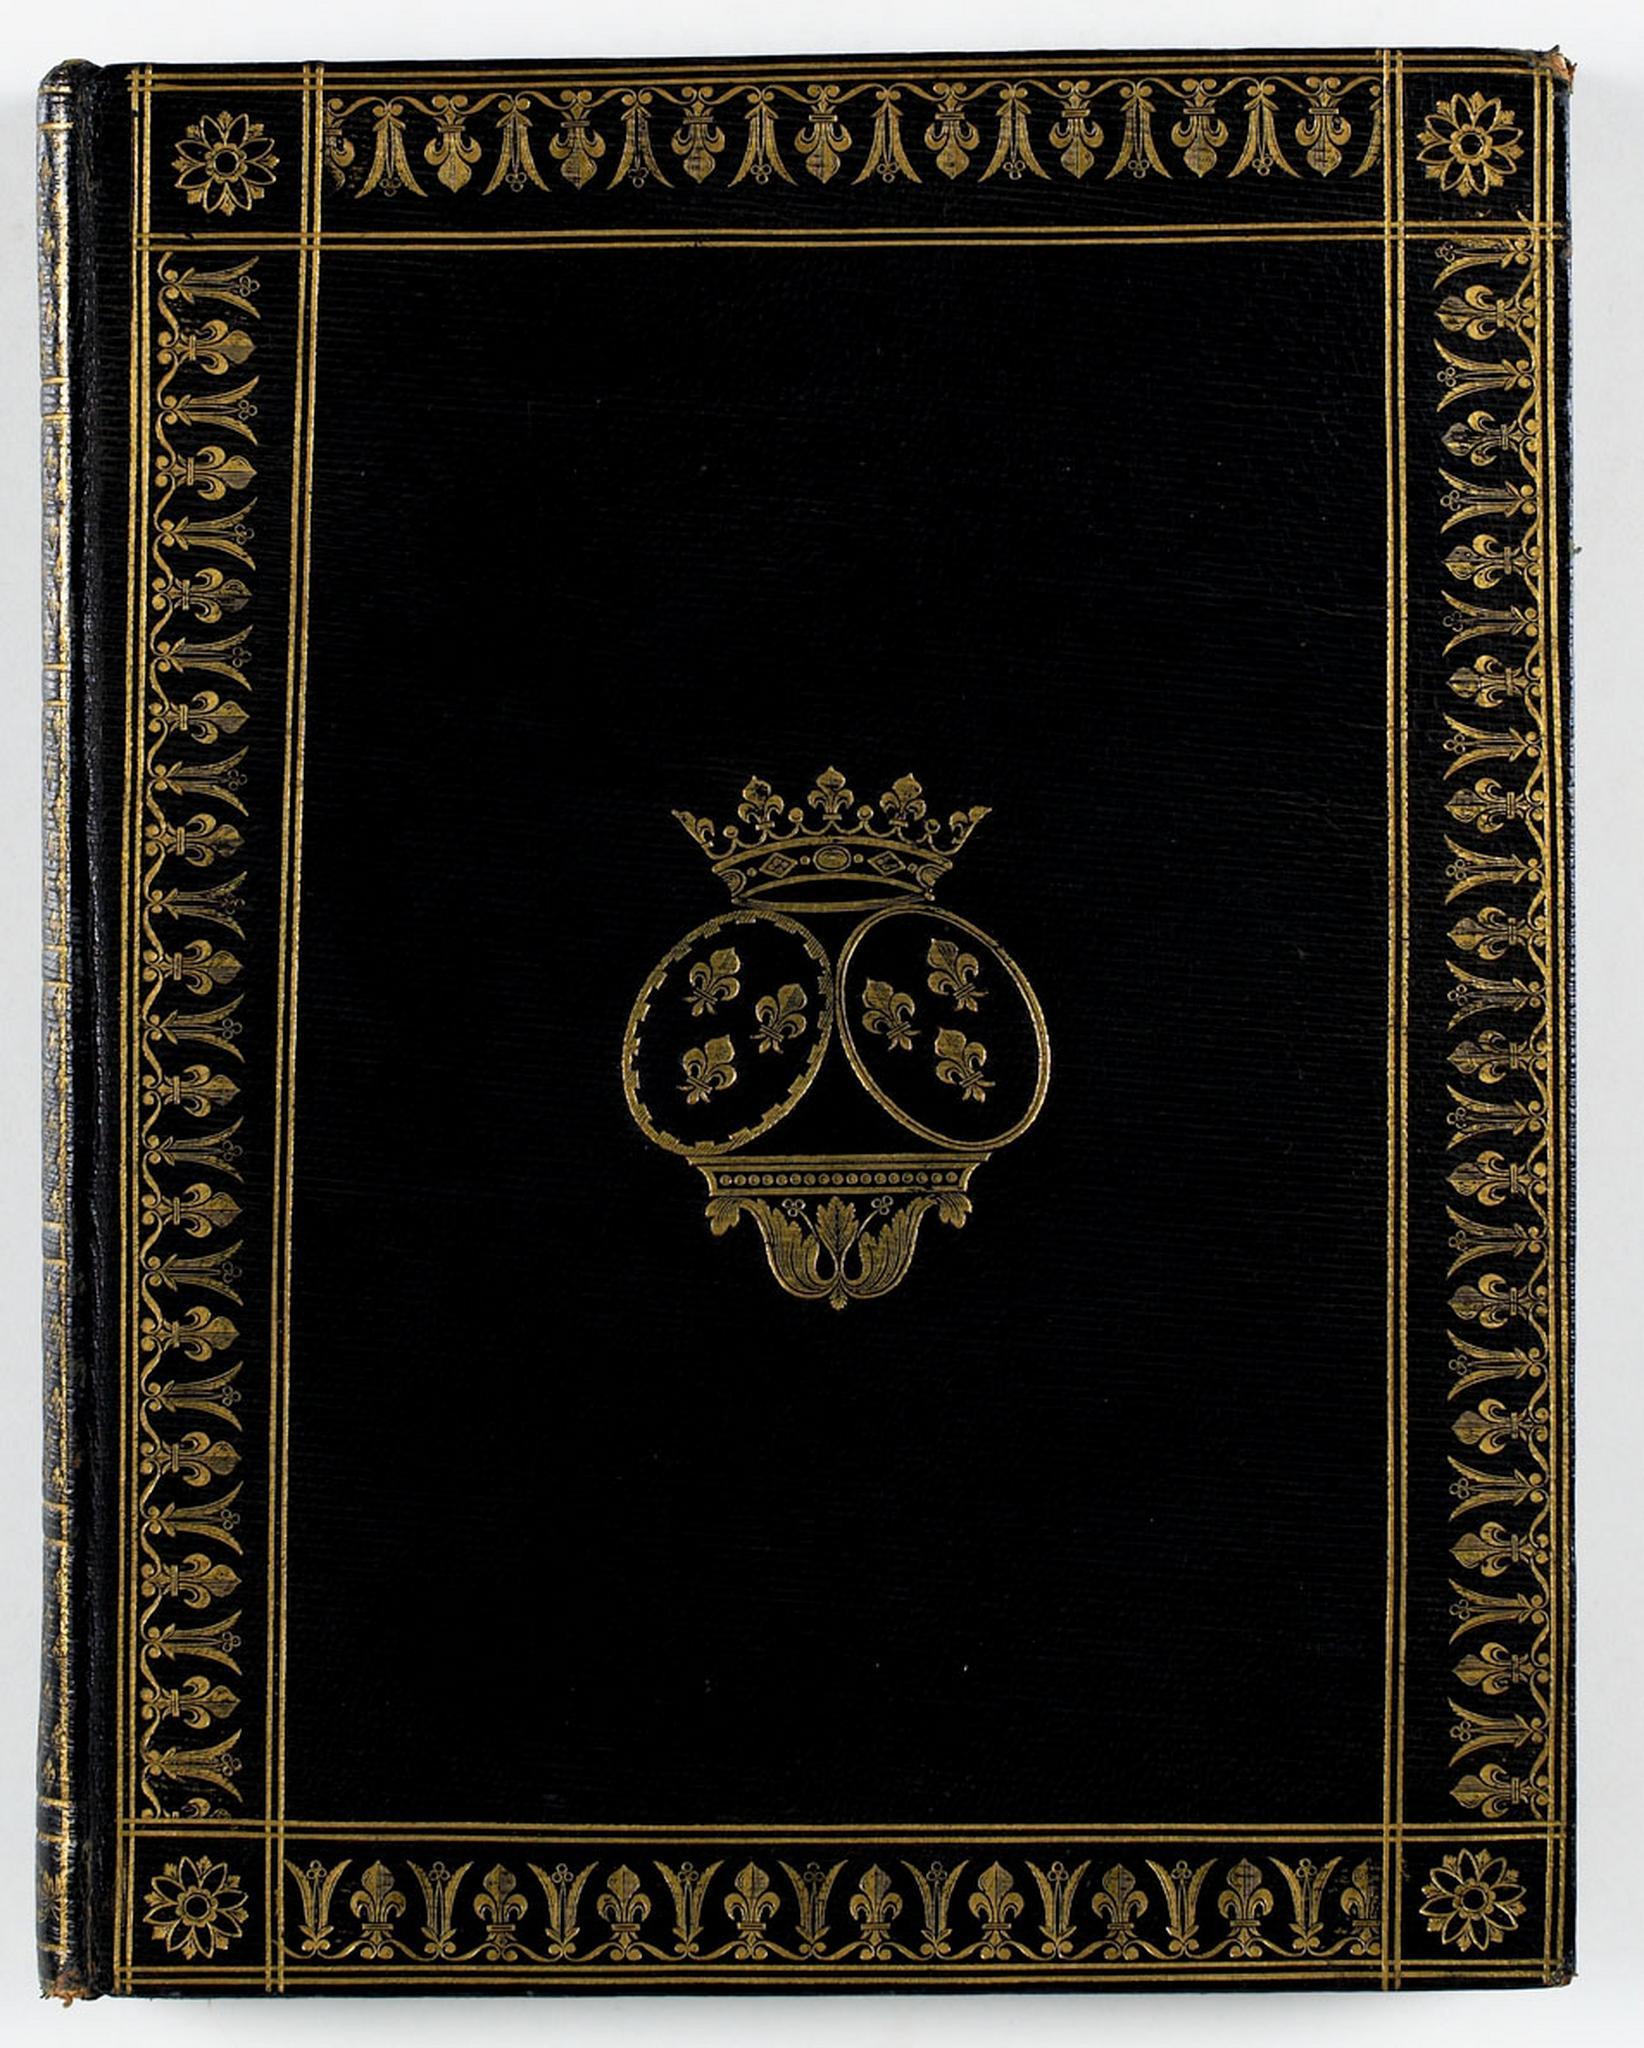 Le Journal du roi Louis XVI et ses Reflexions sur ses entretiens avec Mr le Duc de la Vauguyon Dafanc35